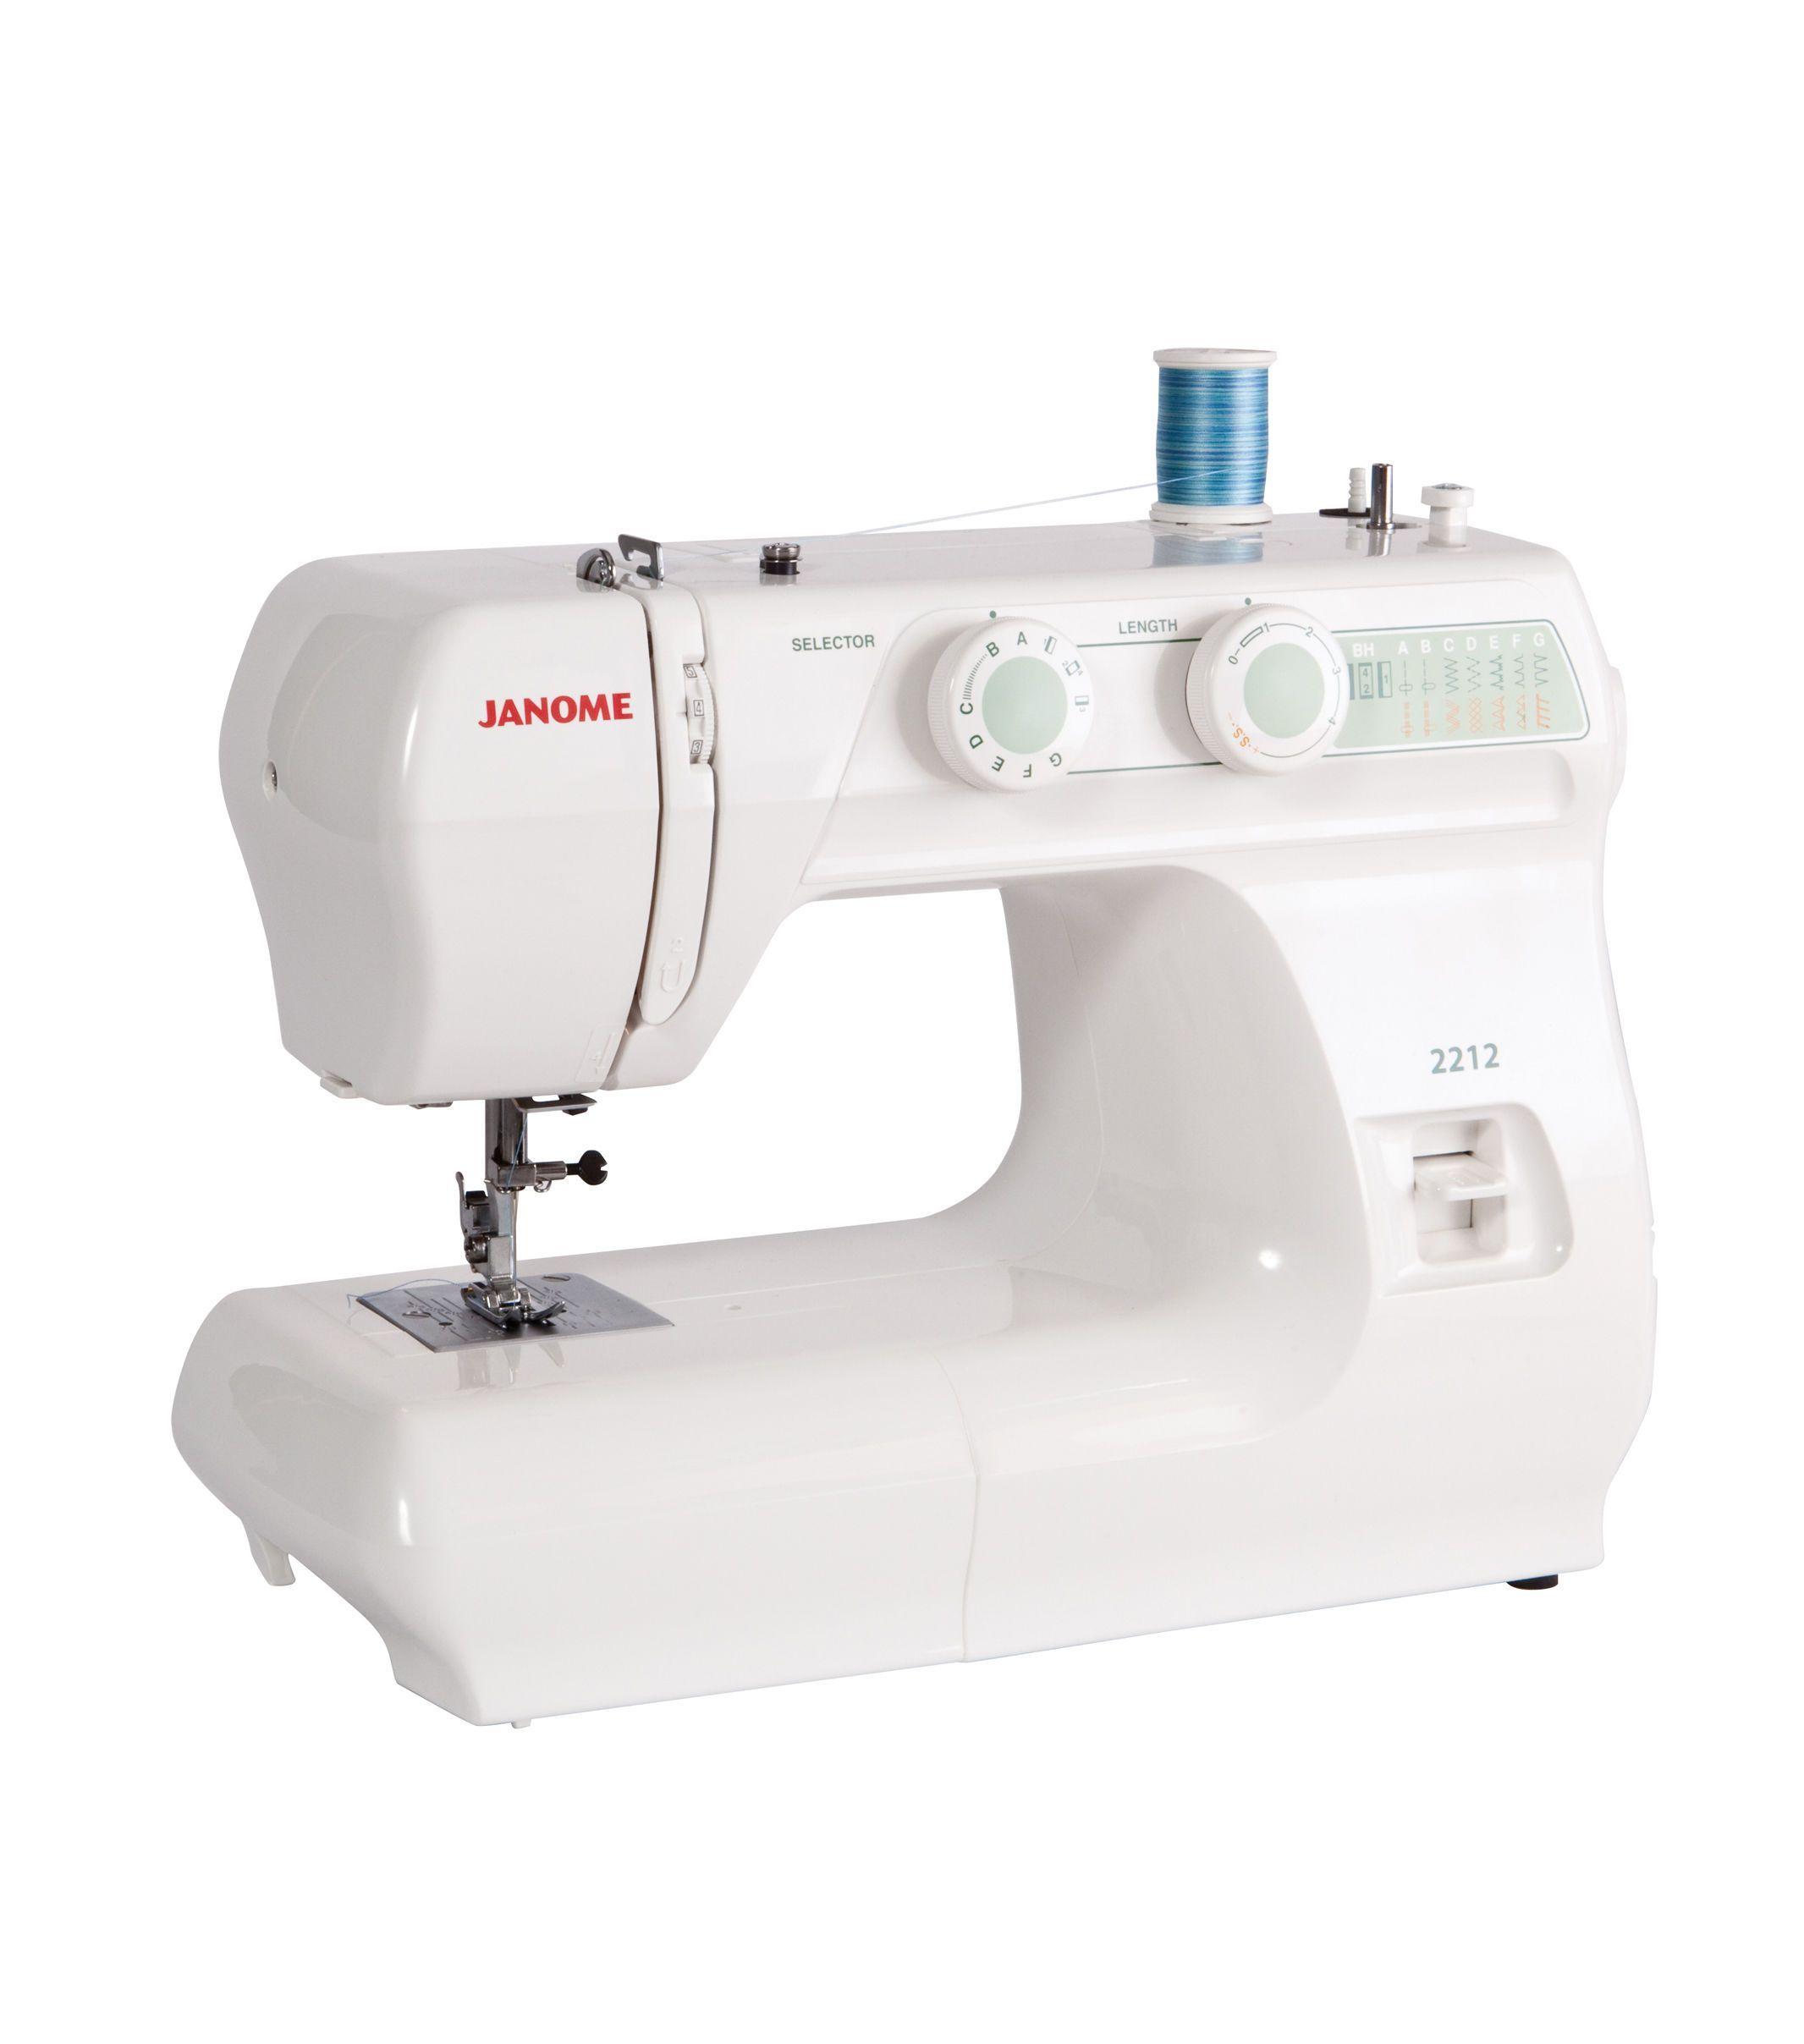 Janome 2212 Sewing Machine Sewing Machine Accessories Janome Sewing Machine Parts